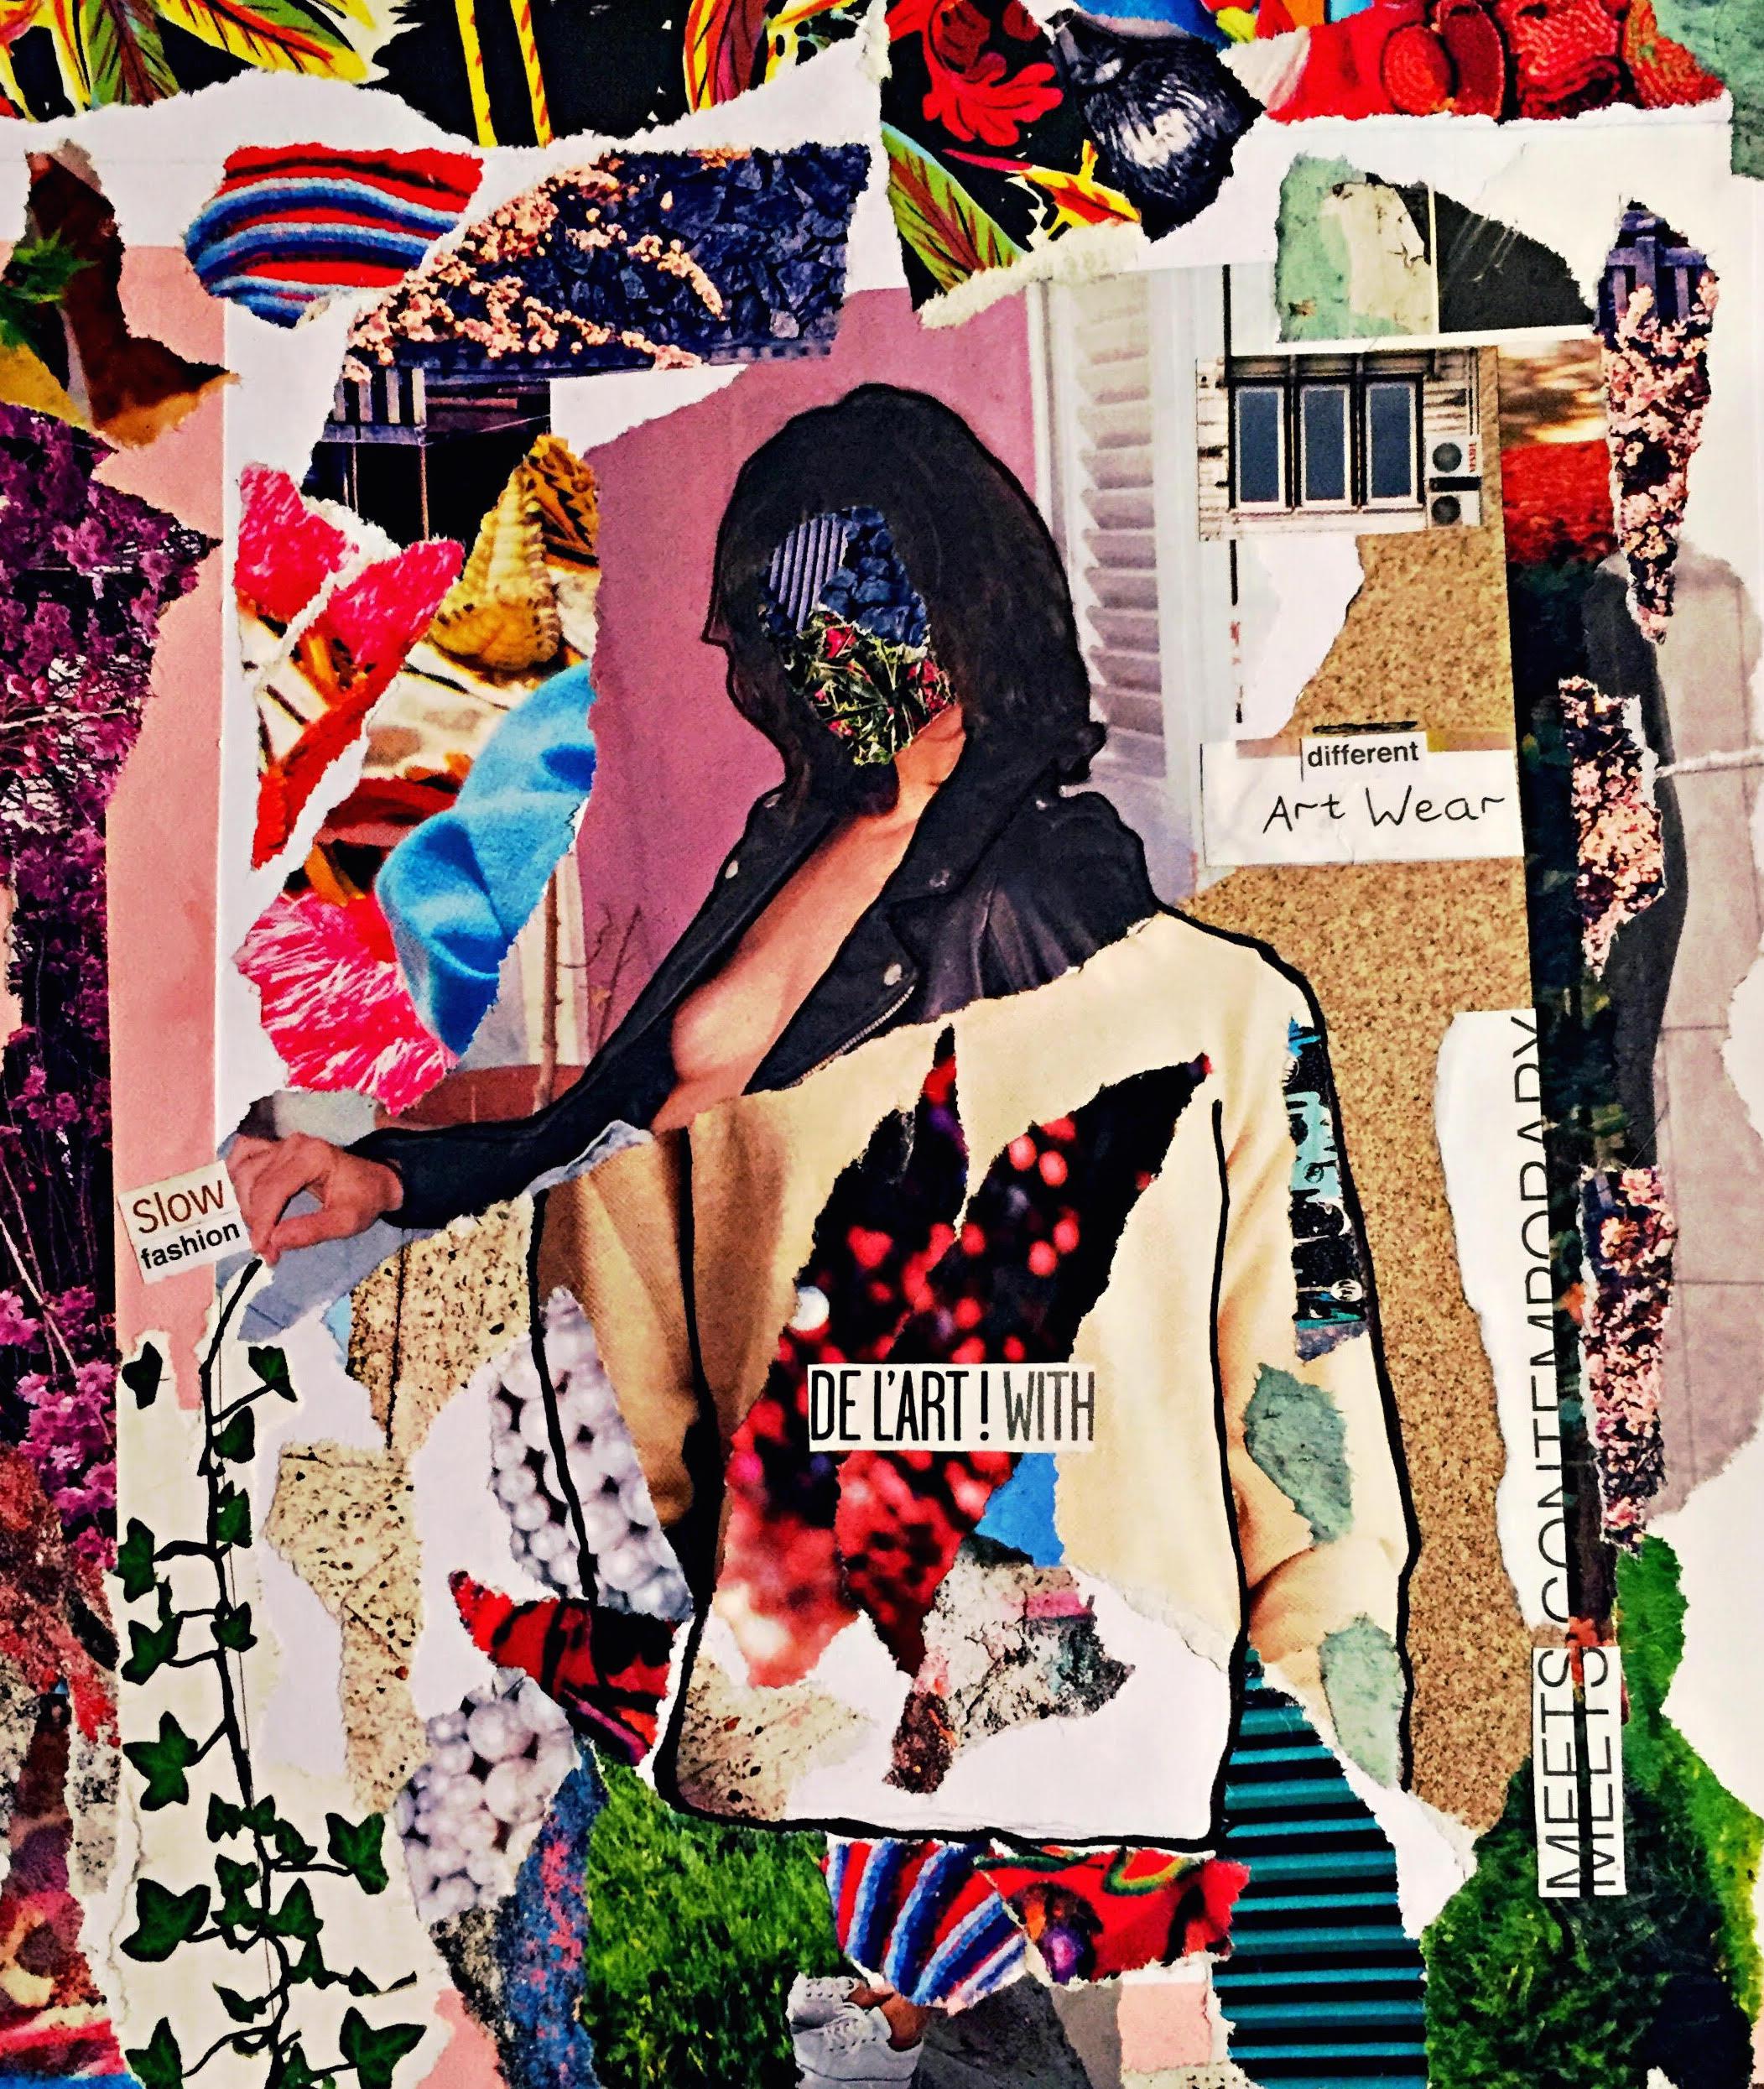 fair art clothing